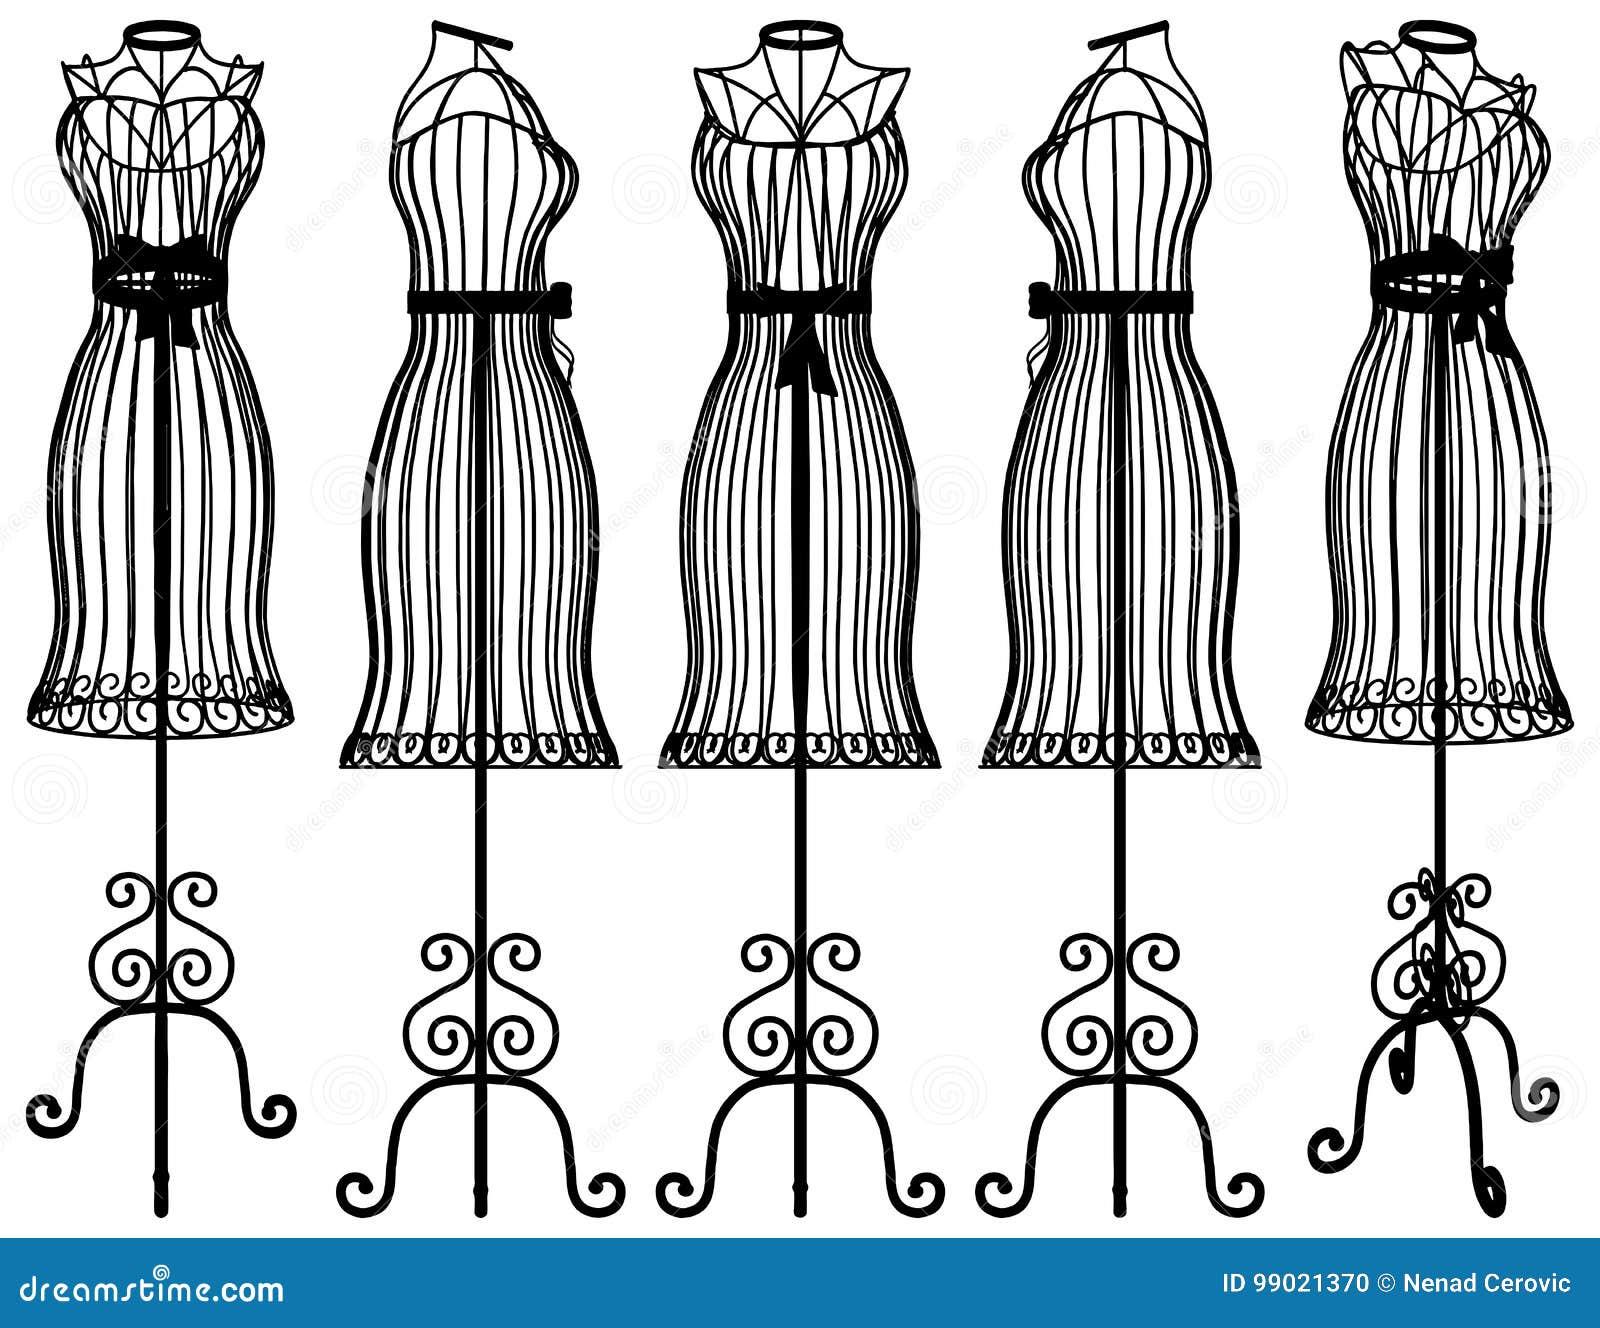 Vettore Dellillustrazione Della Gruccia Per Vestiti Del Manichino